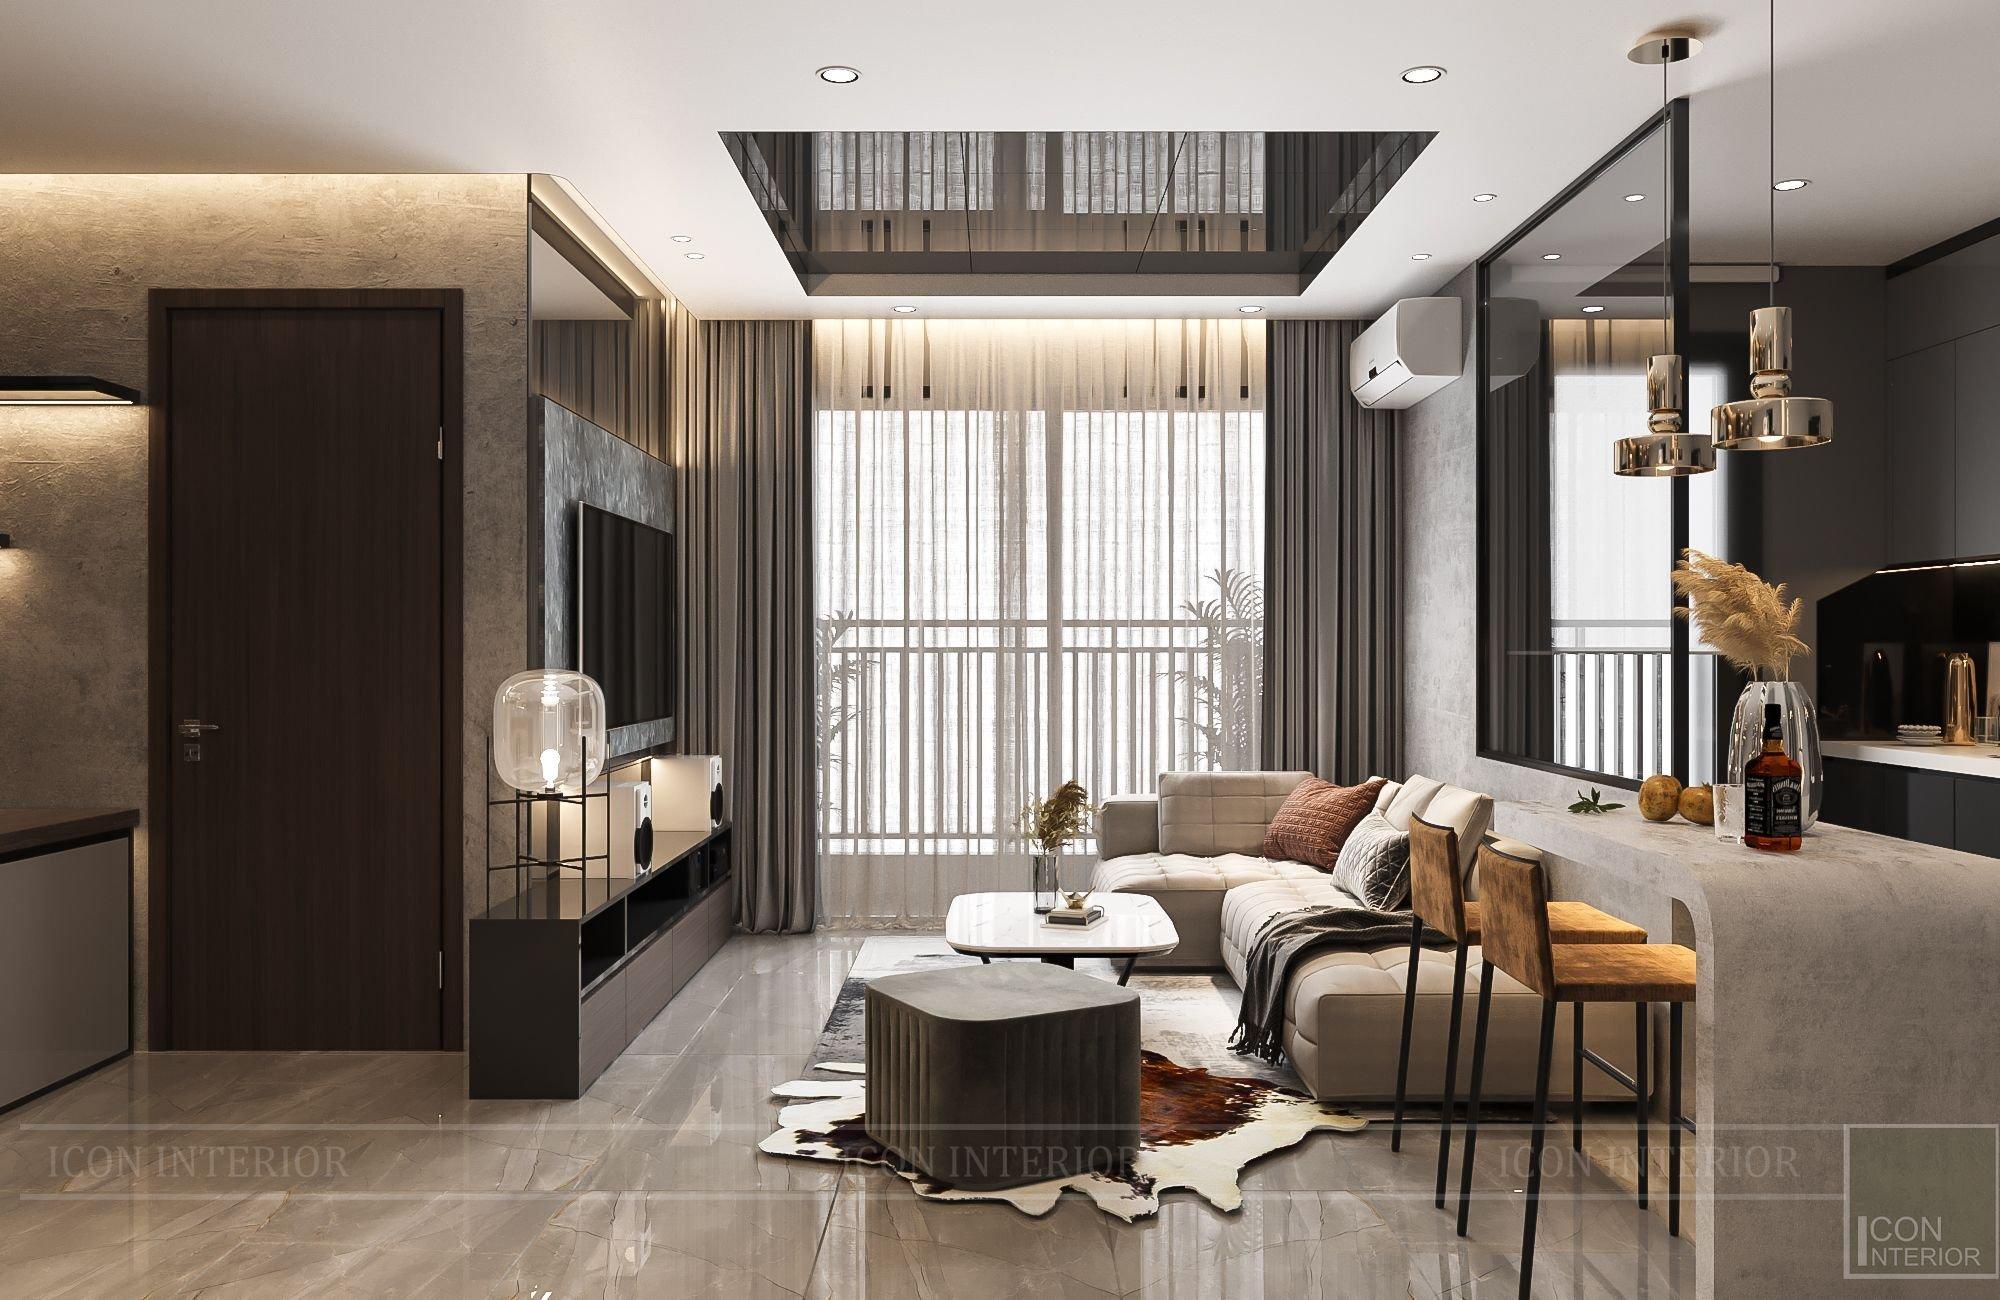 thiết kế nội thất chung cư 56m2 2 phòng ngủ